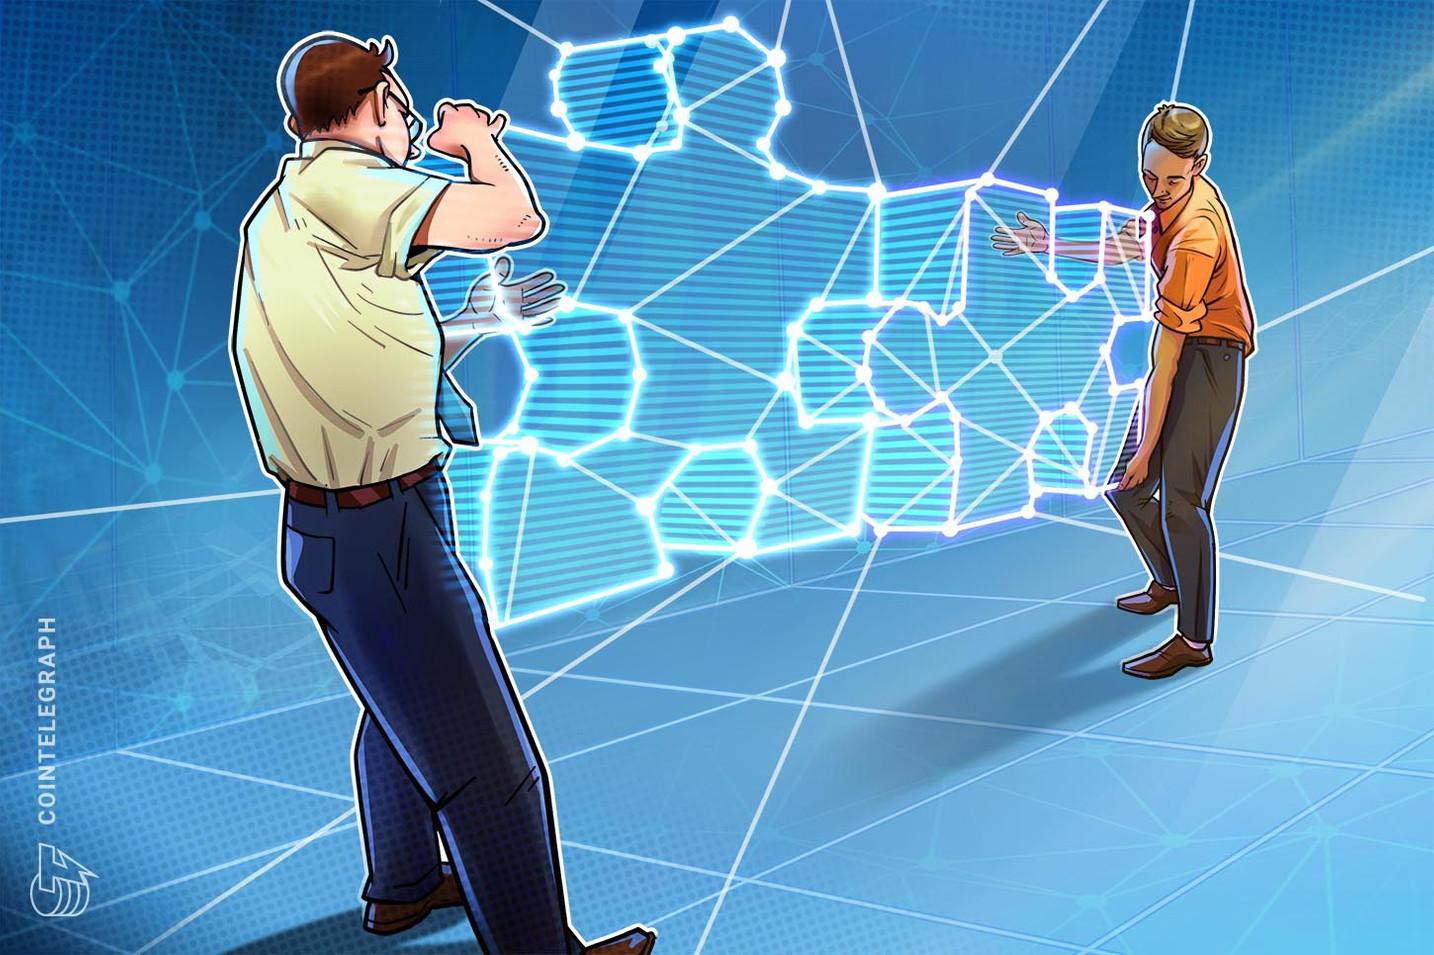 1inch faz parceria para fornecer negociações com moedas fiduciárias para usuários DeFi